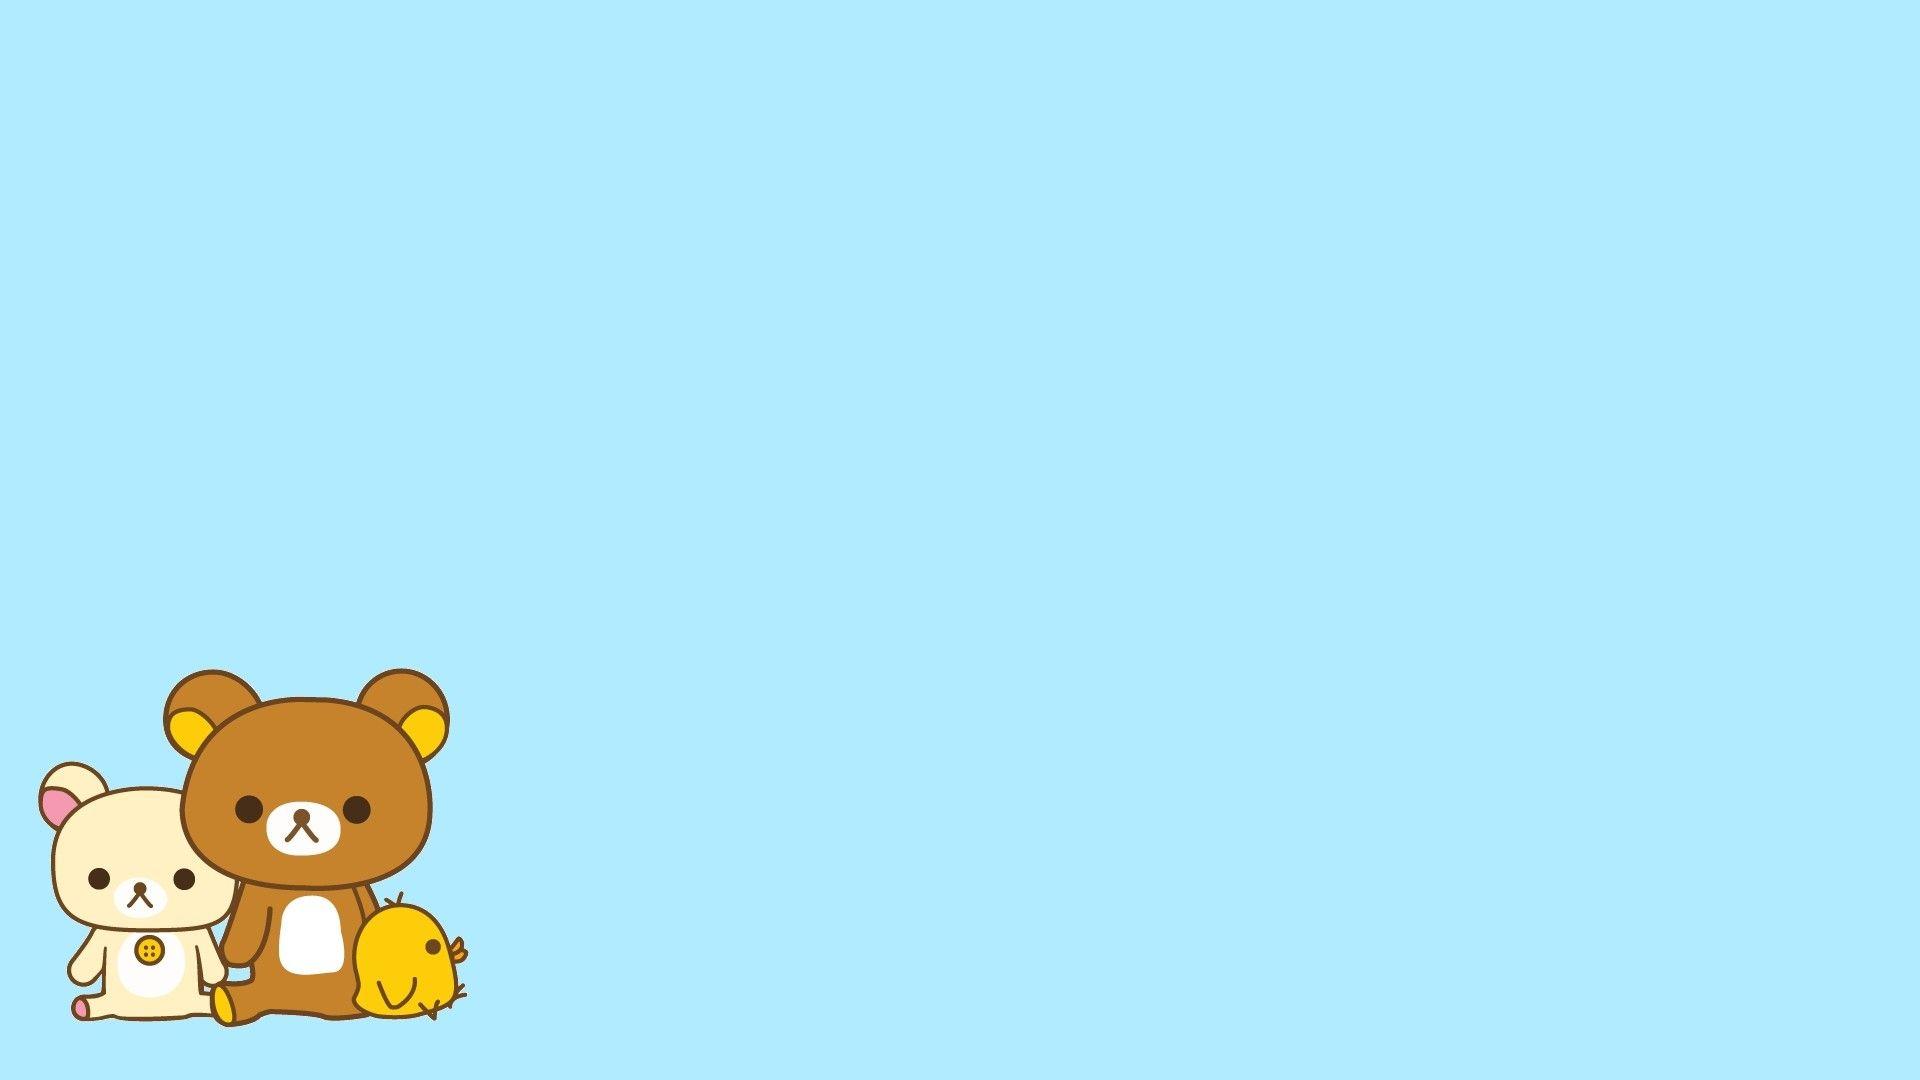 Hình nền Powerpoint dễ thương với 2 chú gấu cute